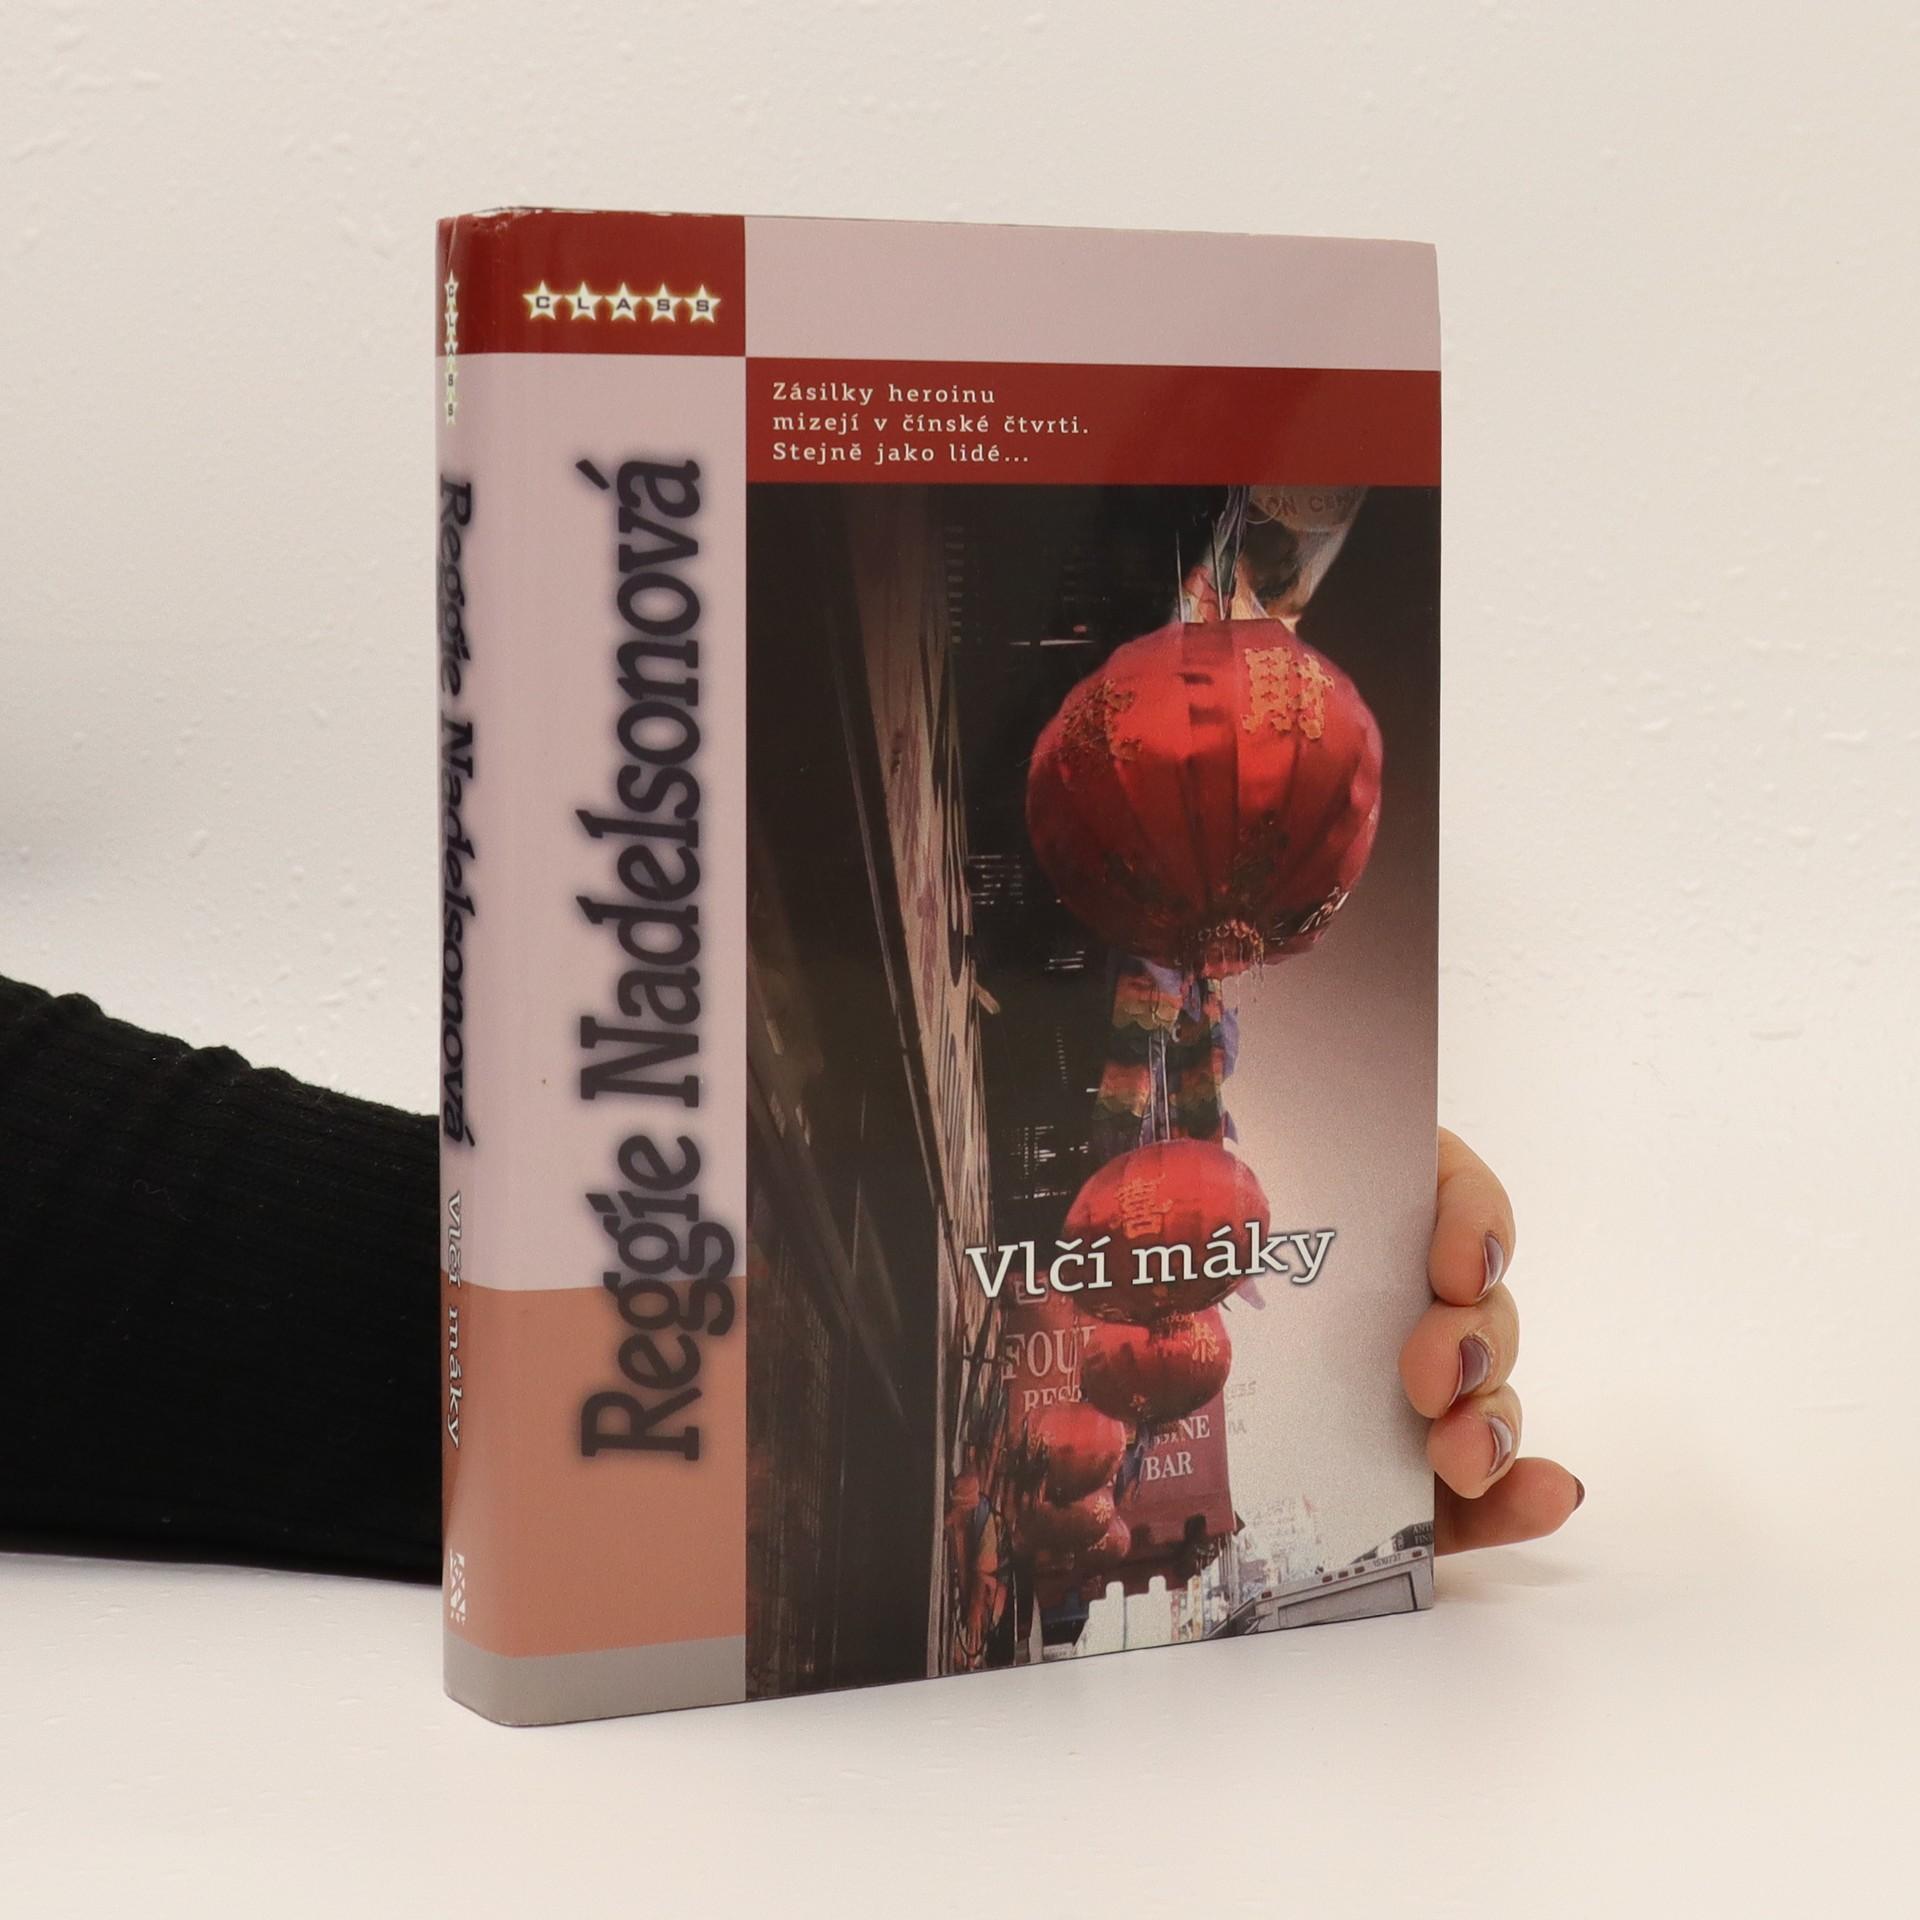 antikvární kniha Vlčí máky, 2005